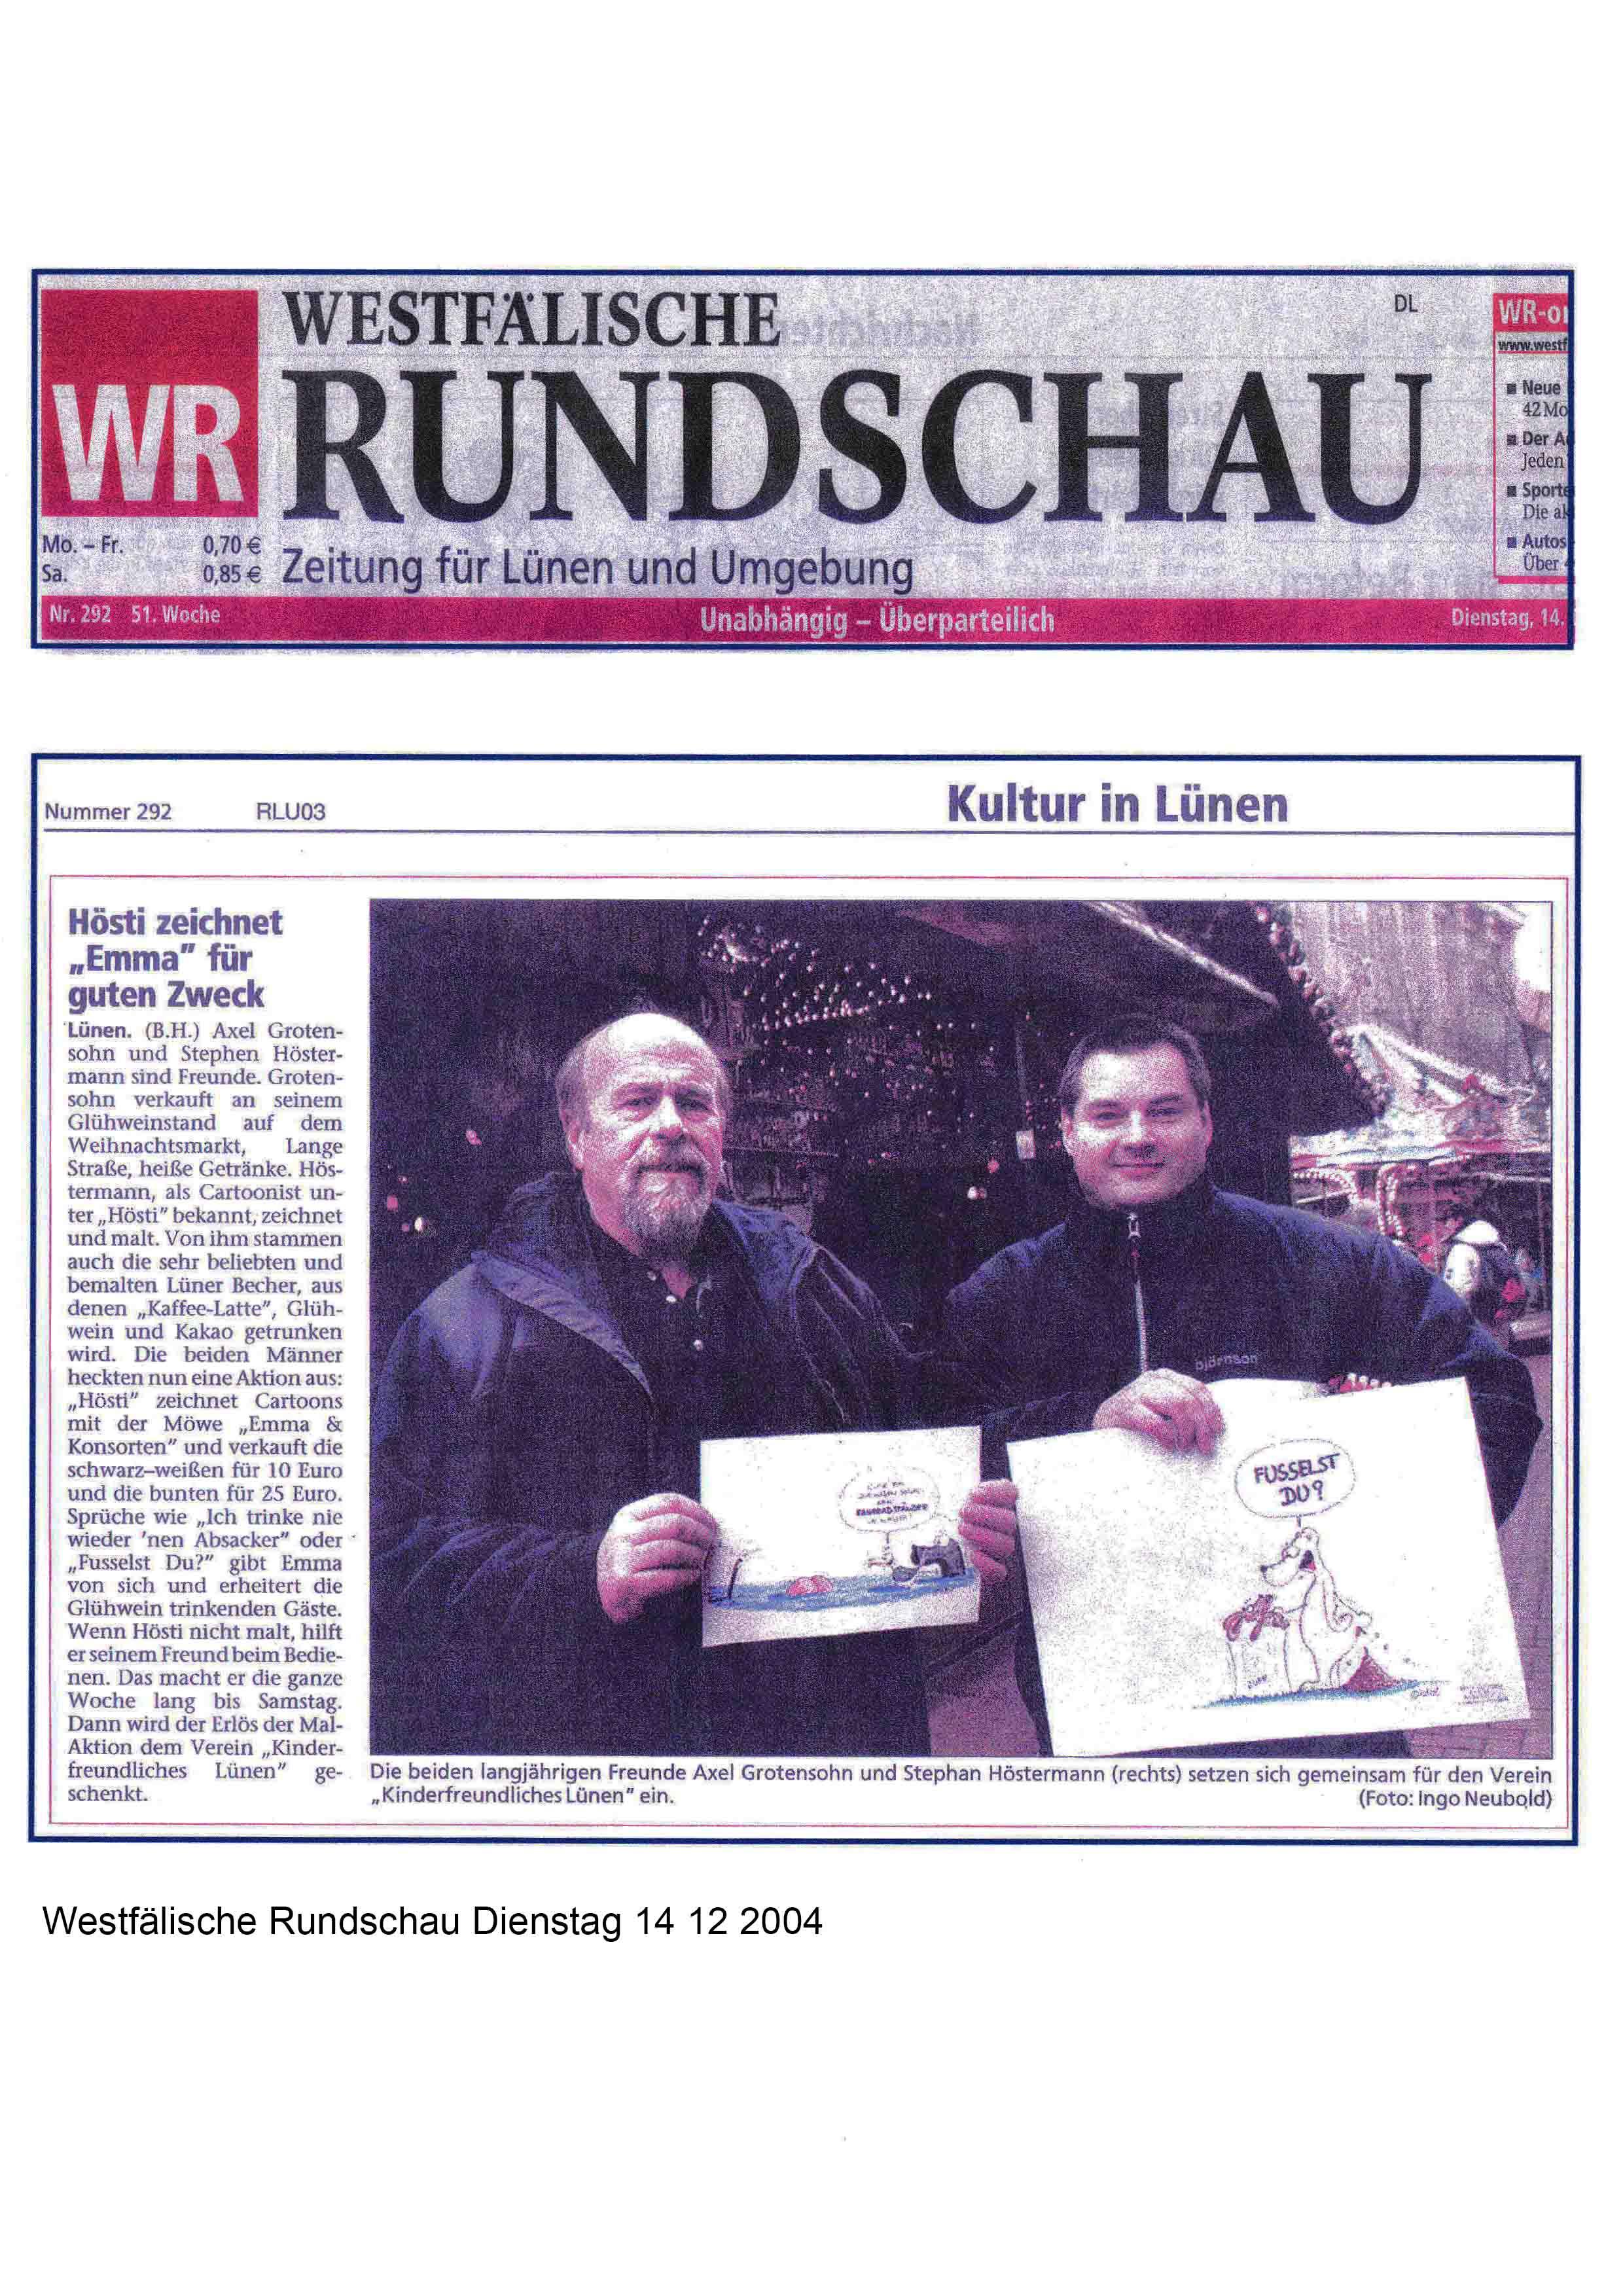 Westfälische Rundschau Dienstag 14 12 2004